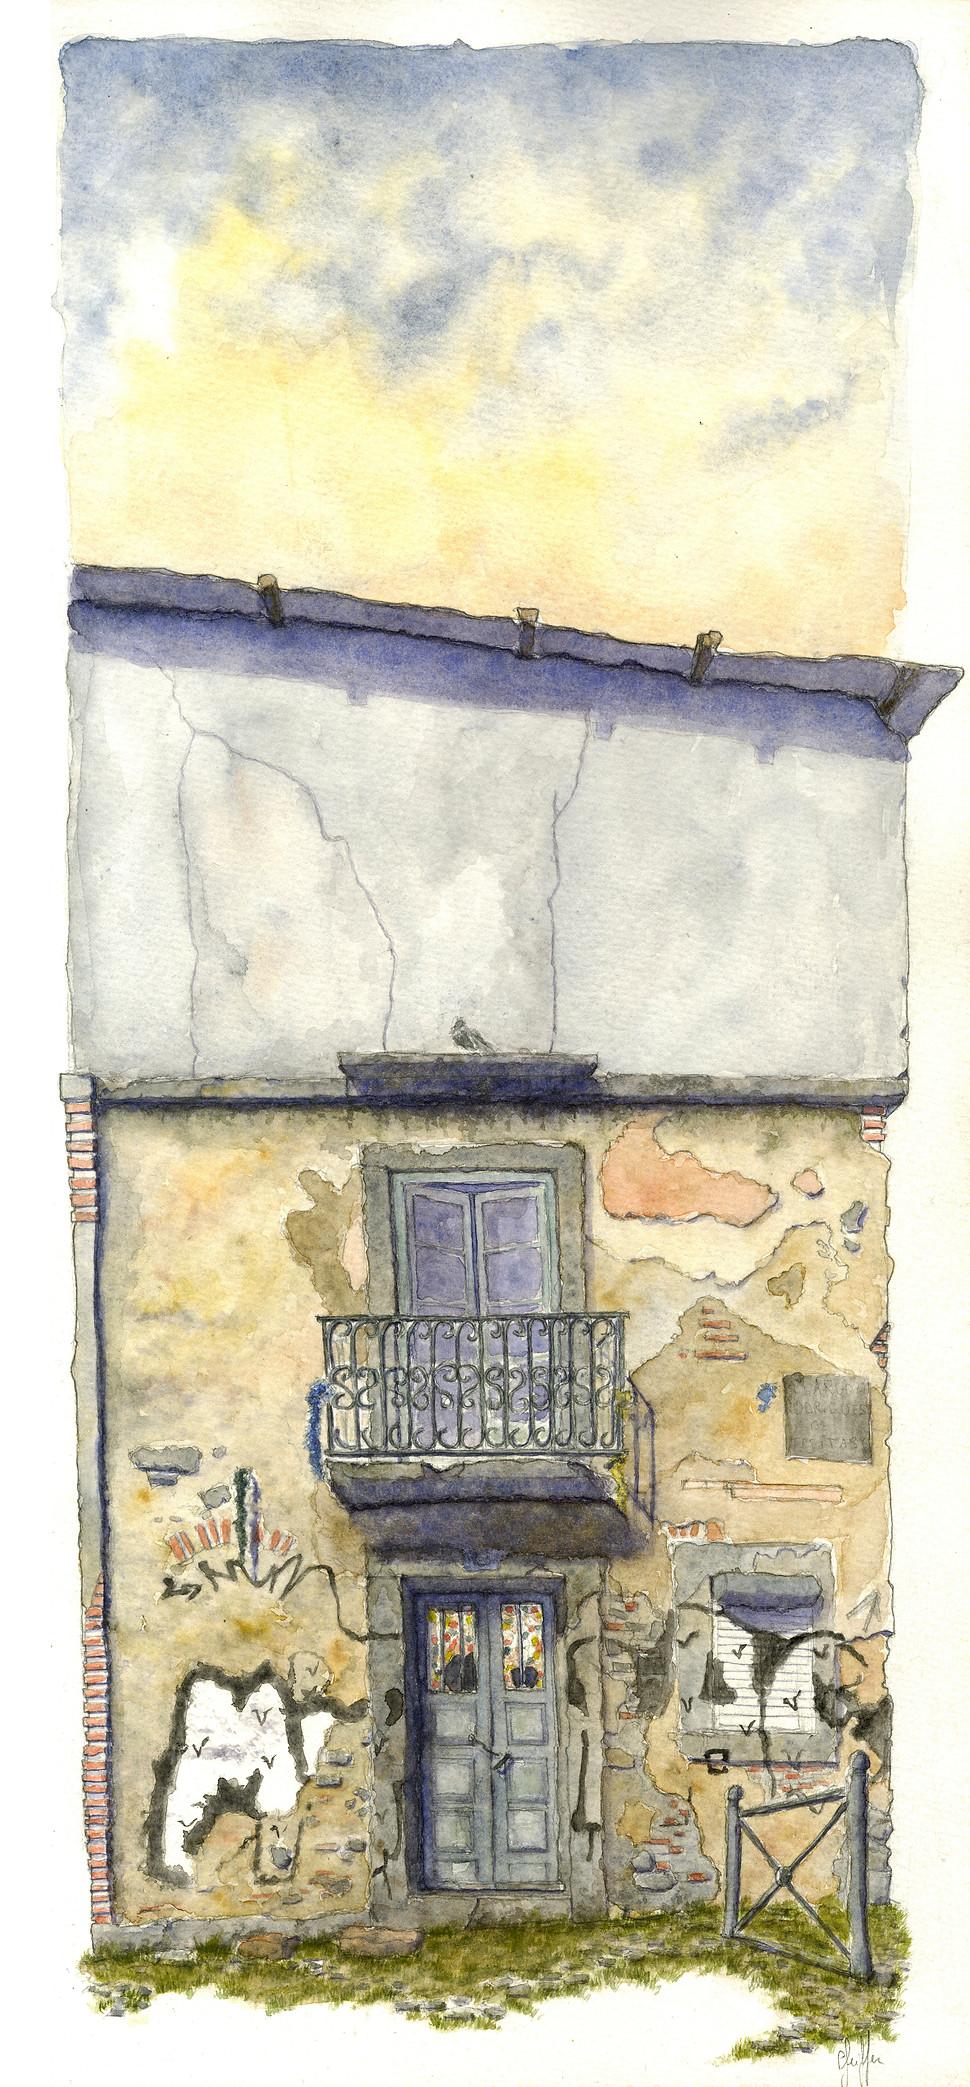 Lucas Pfeiffer, Lisbonne, Portugal, aquarelle et gouache sur papier, 24x50cm, 2015